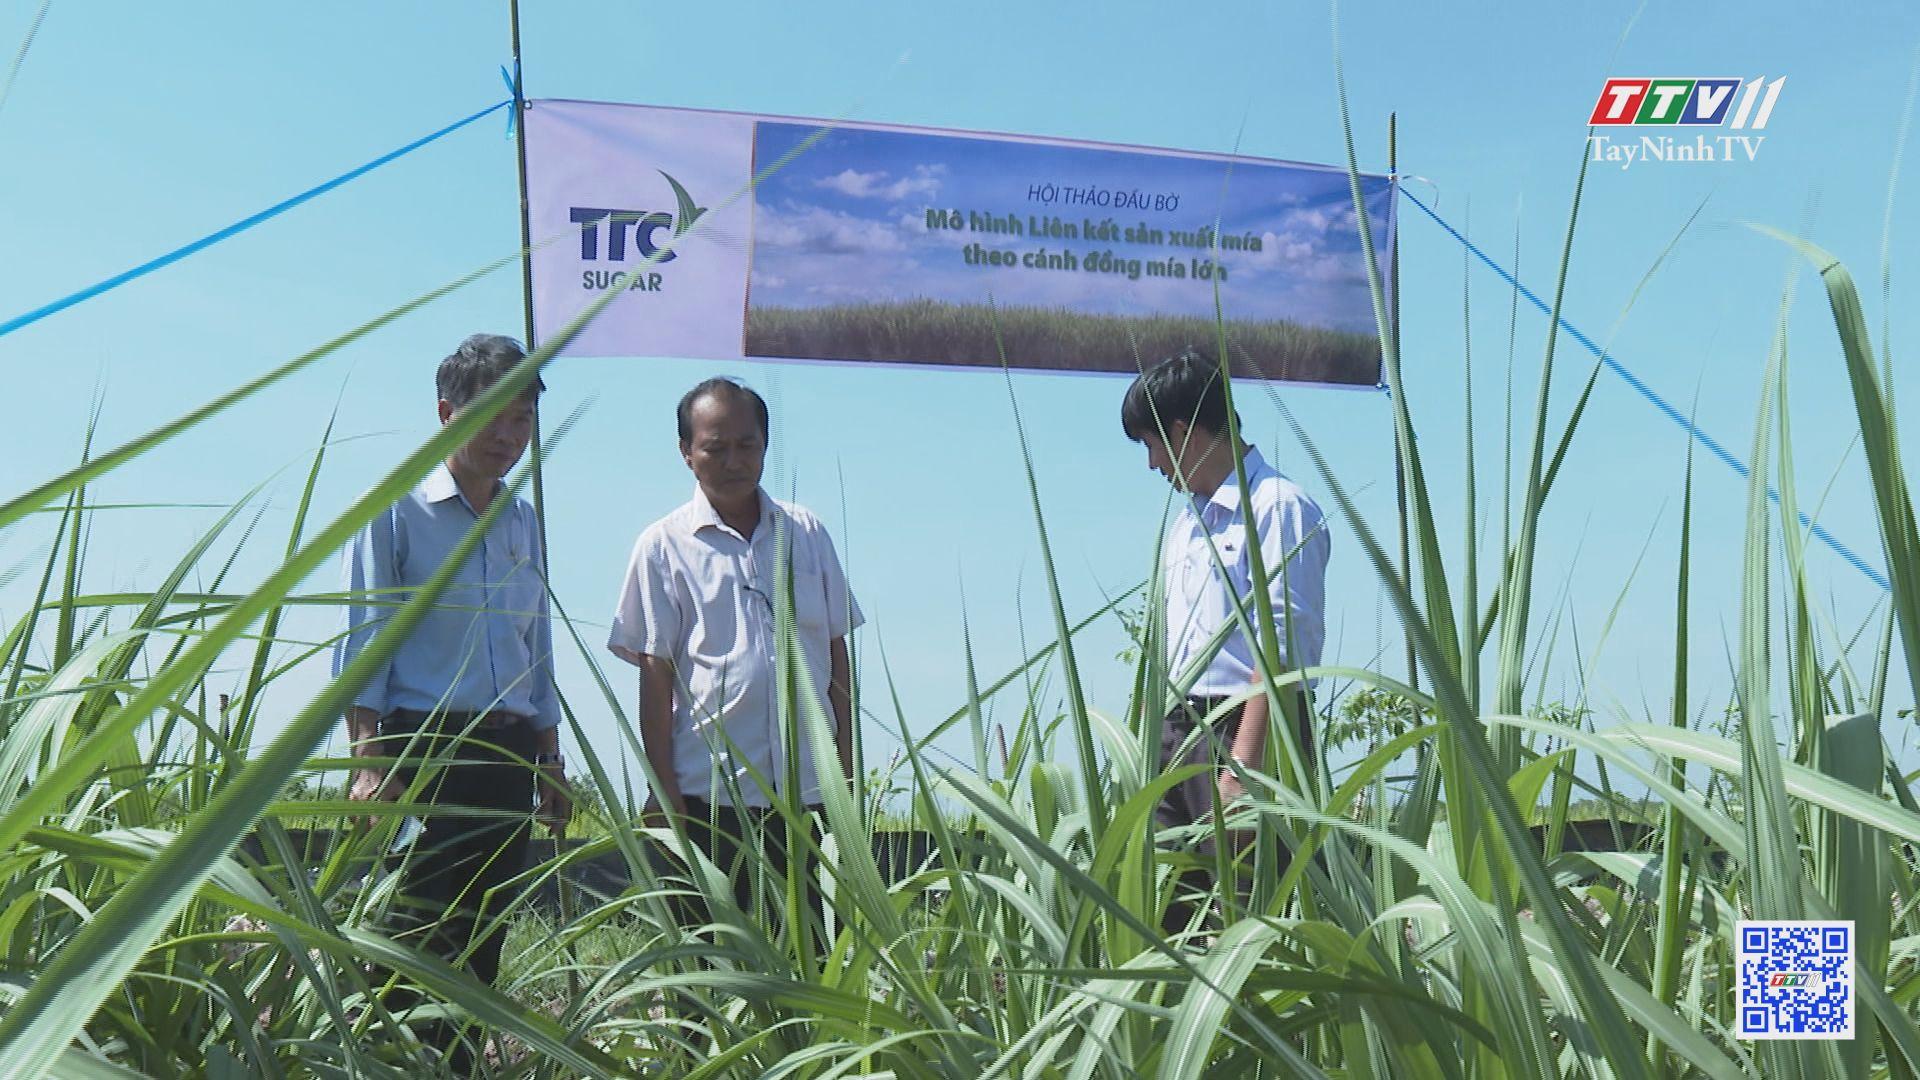 TTCS để cánh đồng mía lớn thực sự lớn | CÂY MÍA VIỆT | TayNinhTV